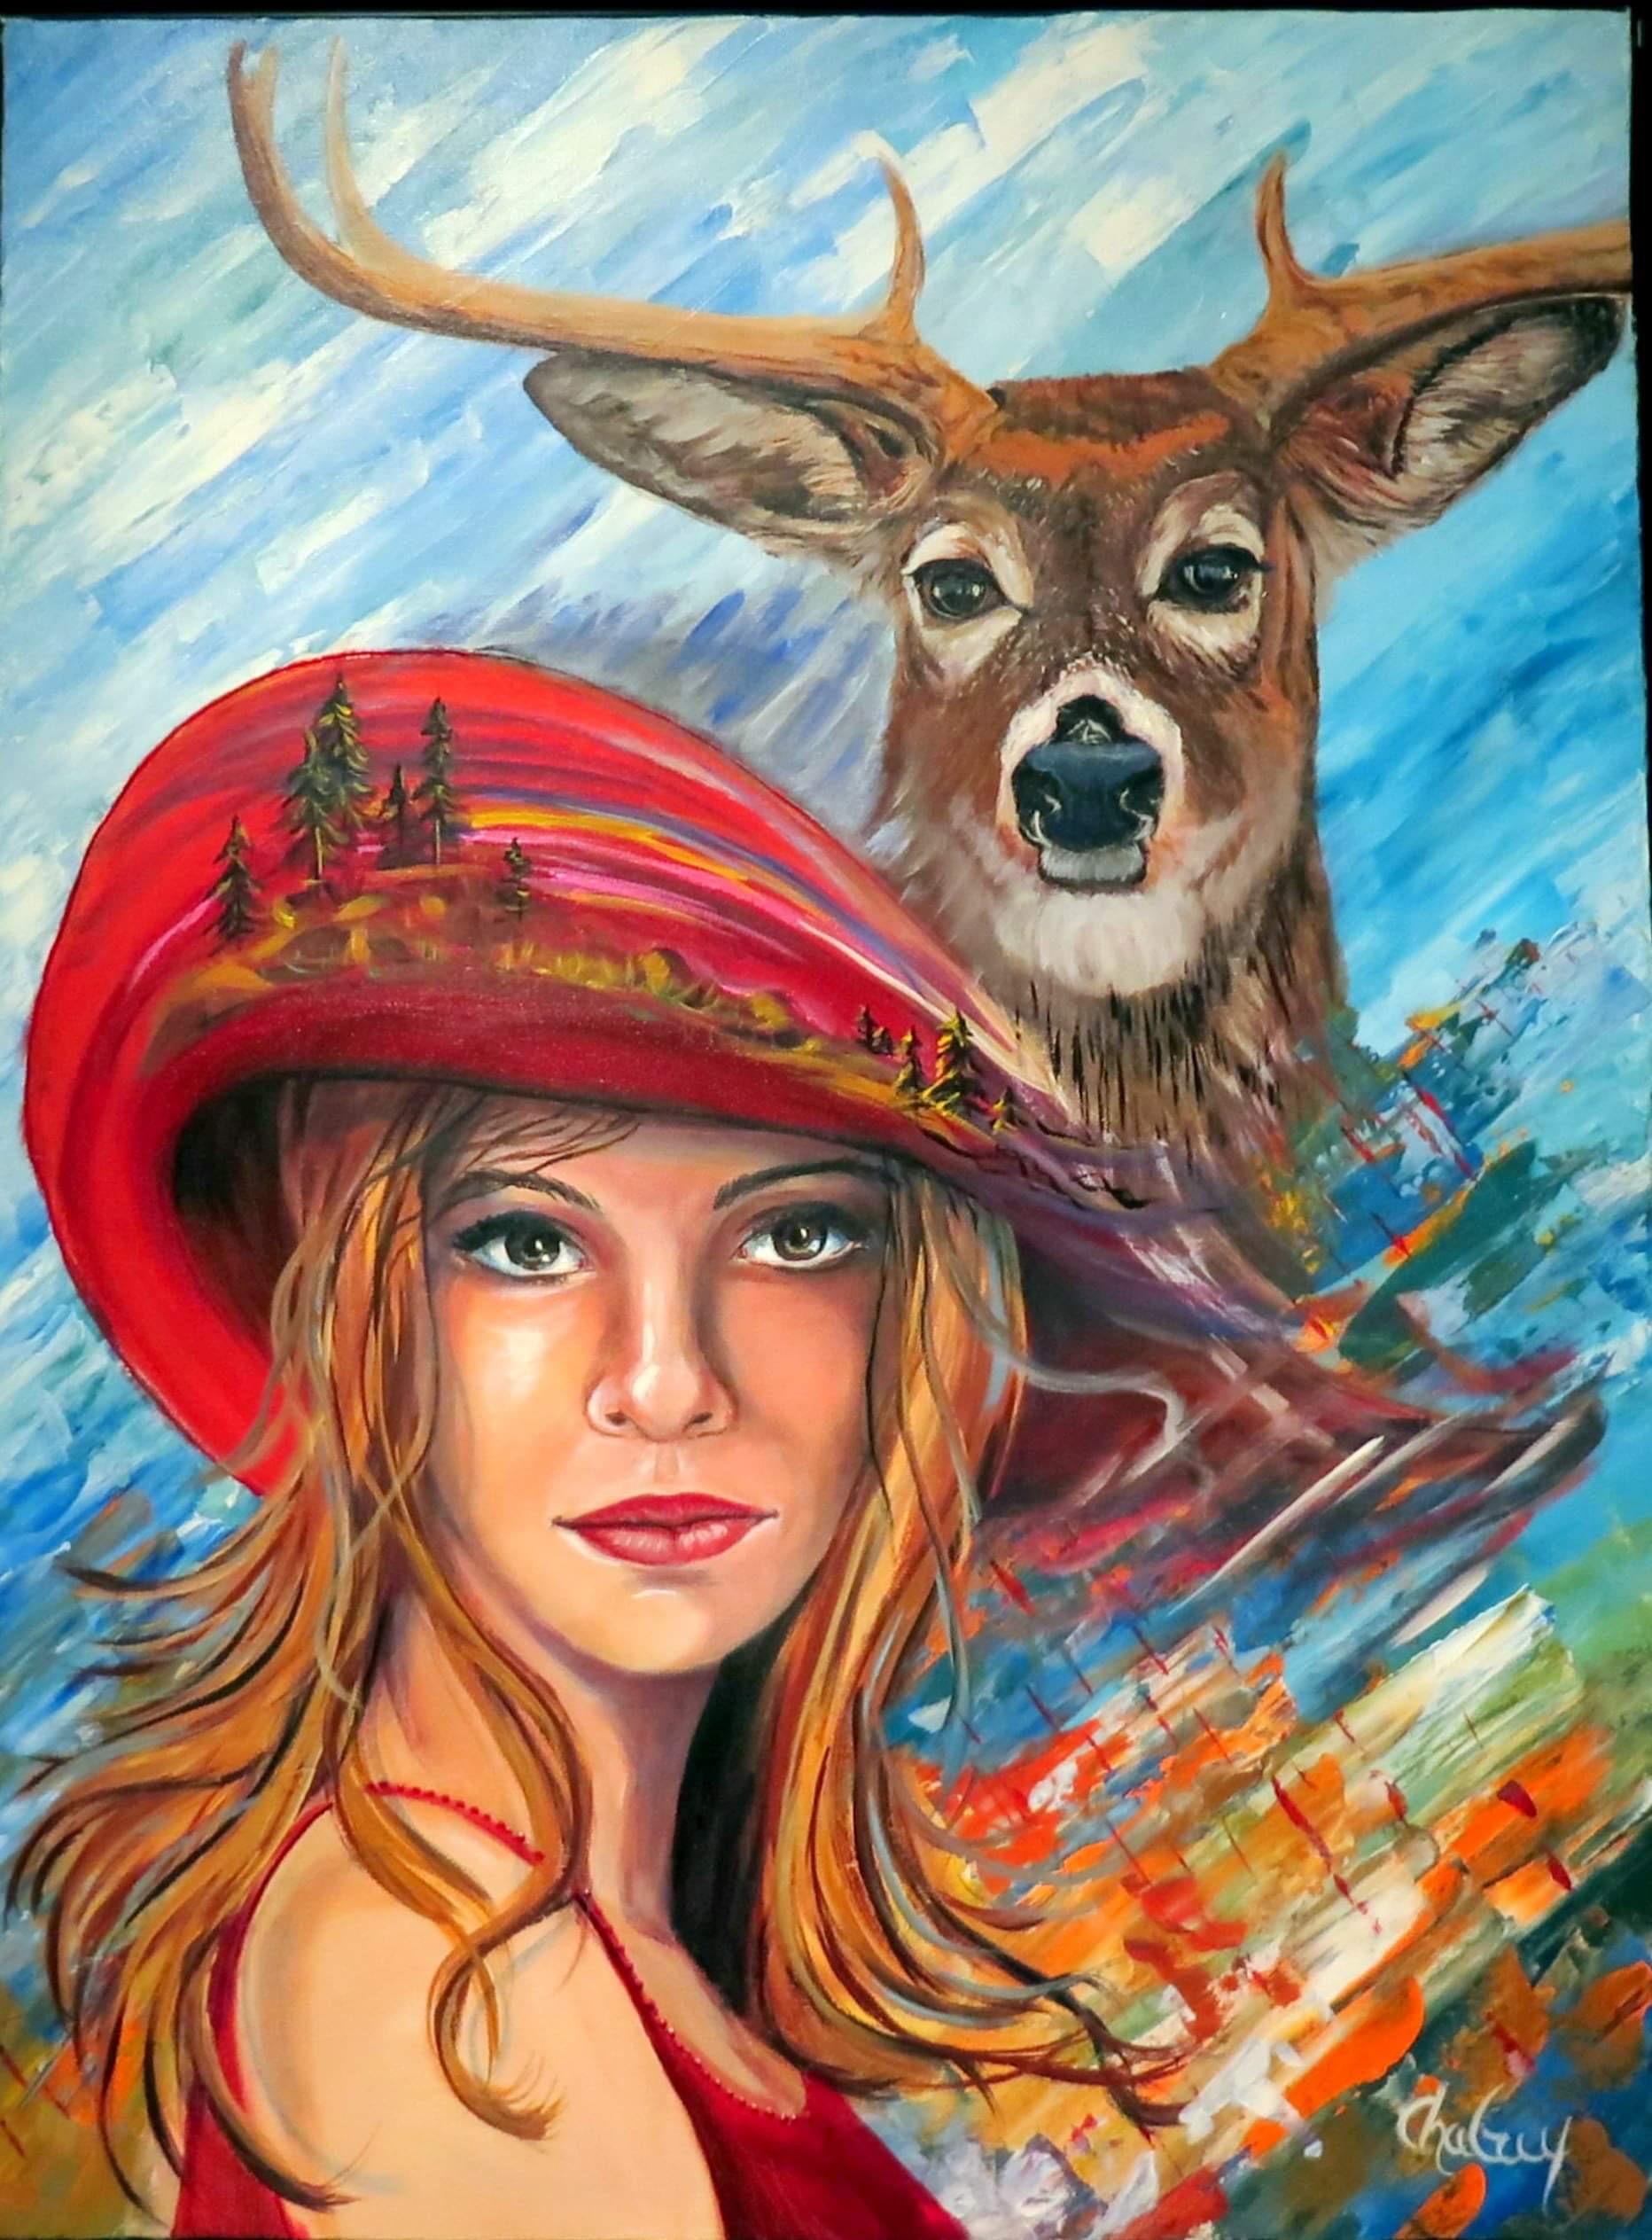 Je suis compassion, peinture de Chaguy (Chantale Guy)